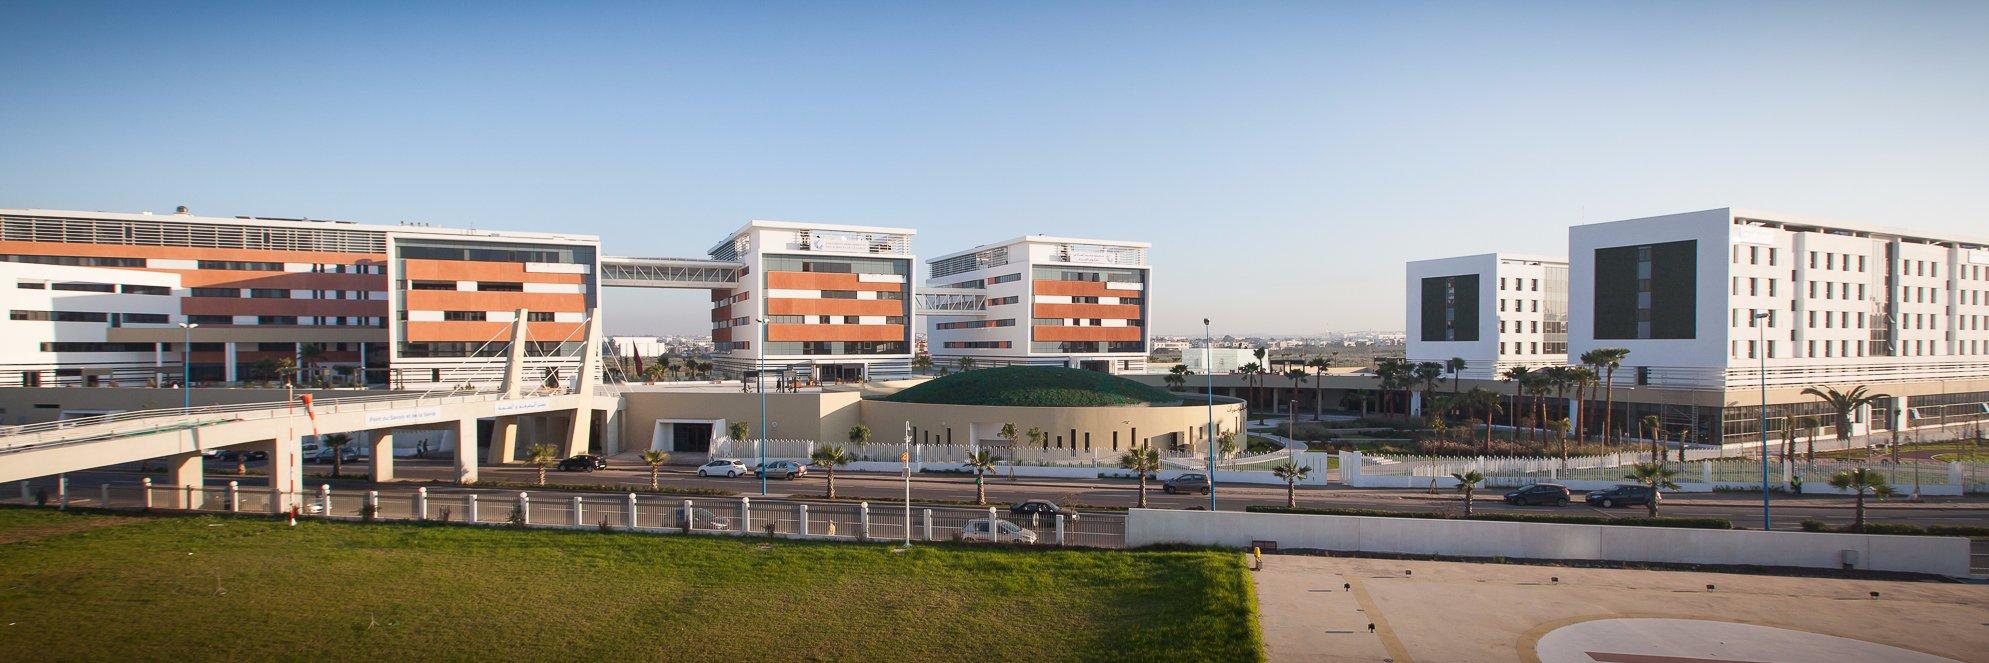 Université Mohammed VI des Sciences de la Santé's official Twitter account